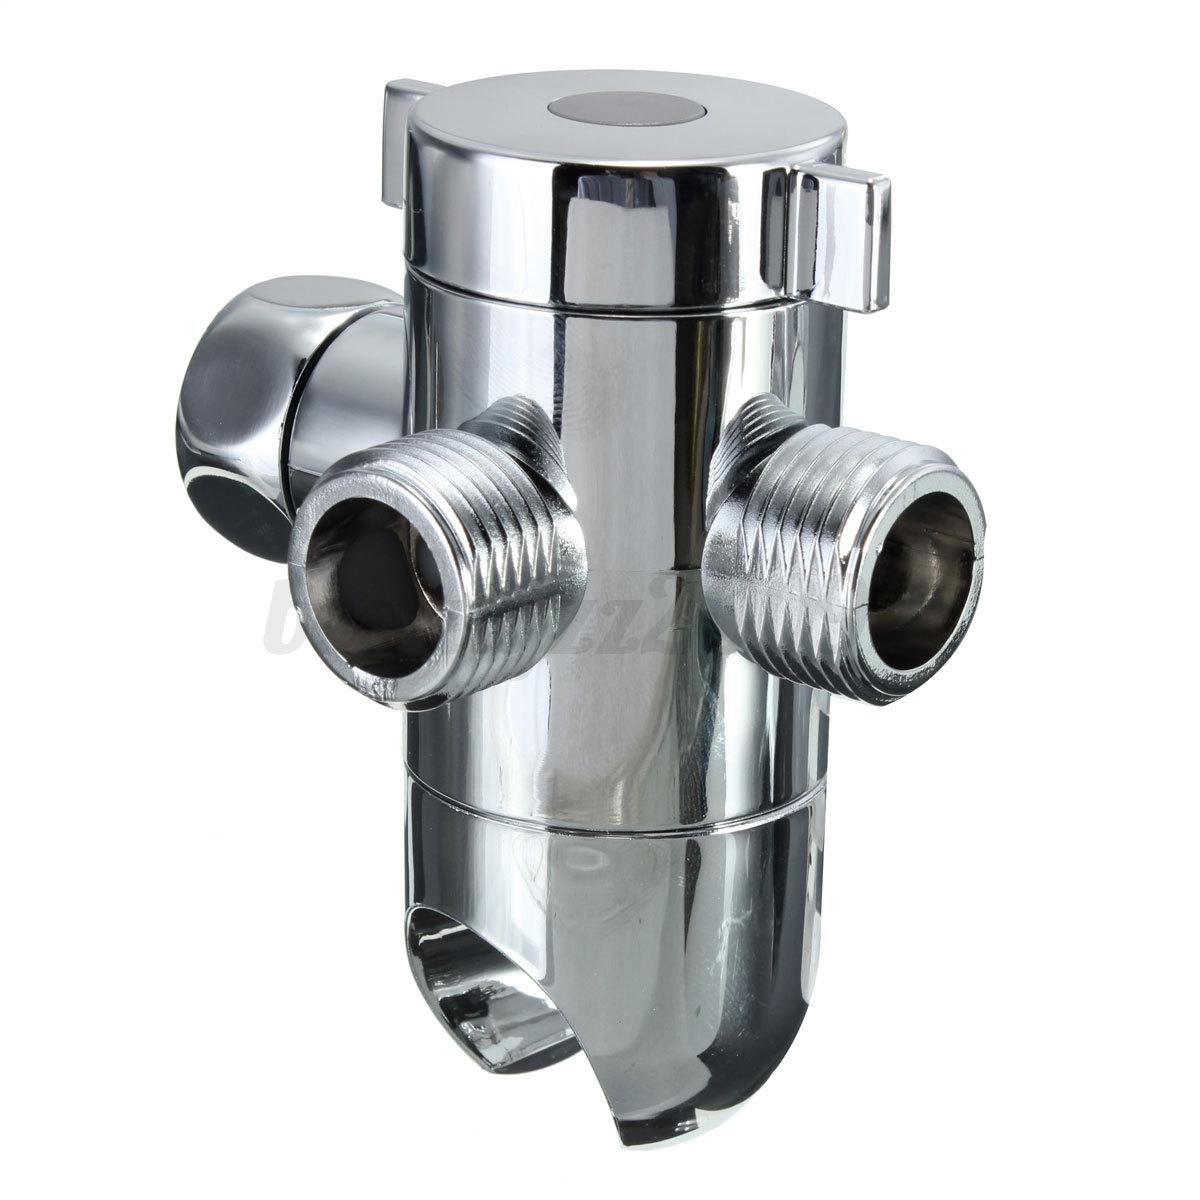 Shower Faucet Types 51 Moen Shower Valve Types Moen Shower